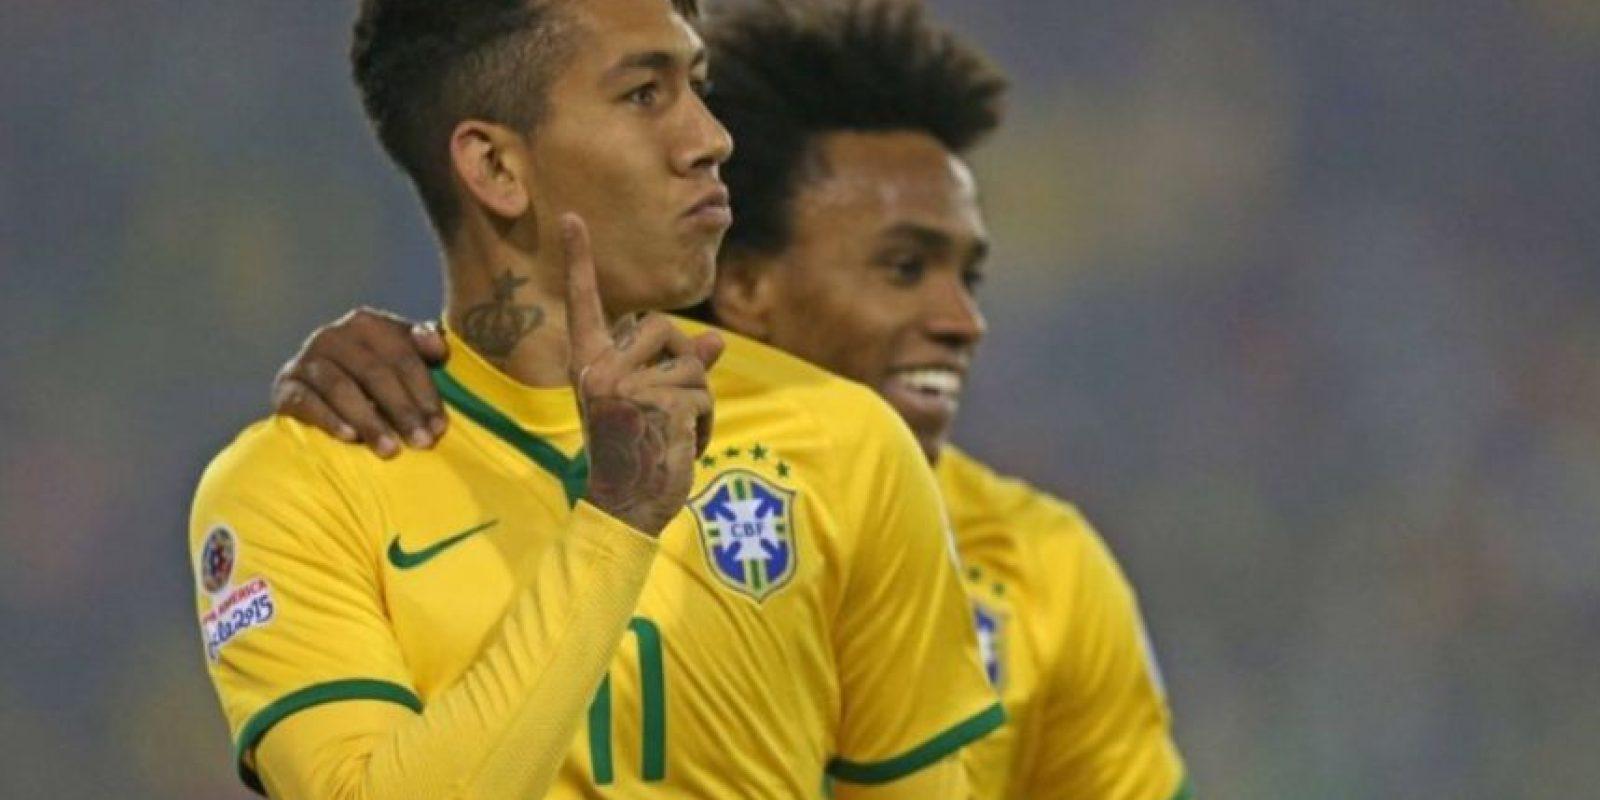 En cinco Copas América anteriores, Brasil ha superado los cuartos de final: Uruguay 1995, Bolivia 1997 (Campeón), Paraguay 1999 (Campeón), Perú 2004 (Campeón) y Venezuela 2007 (Campeón). Foto:Vía facebook.com/CBF